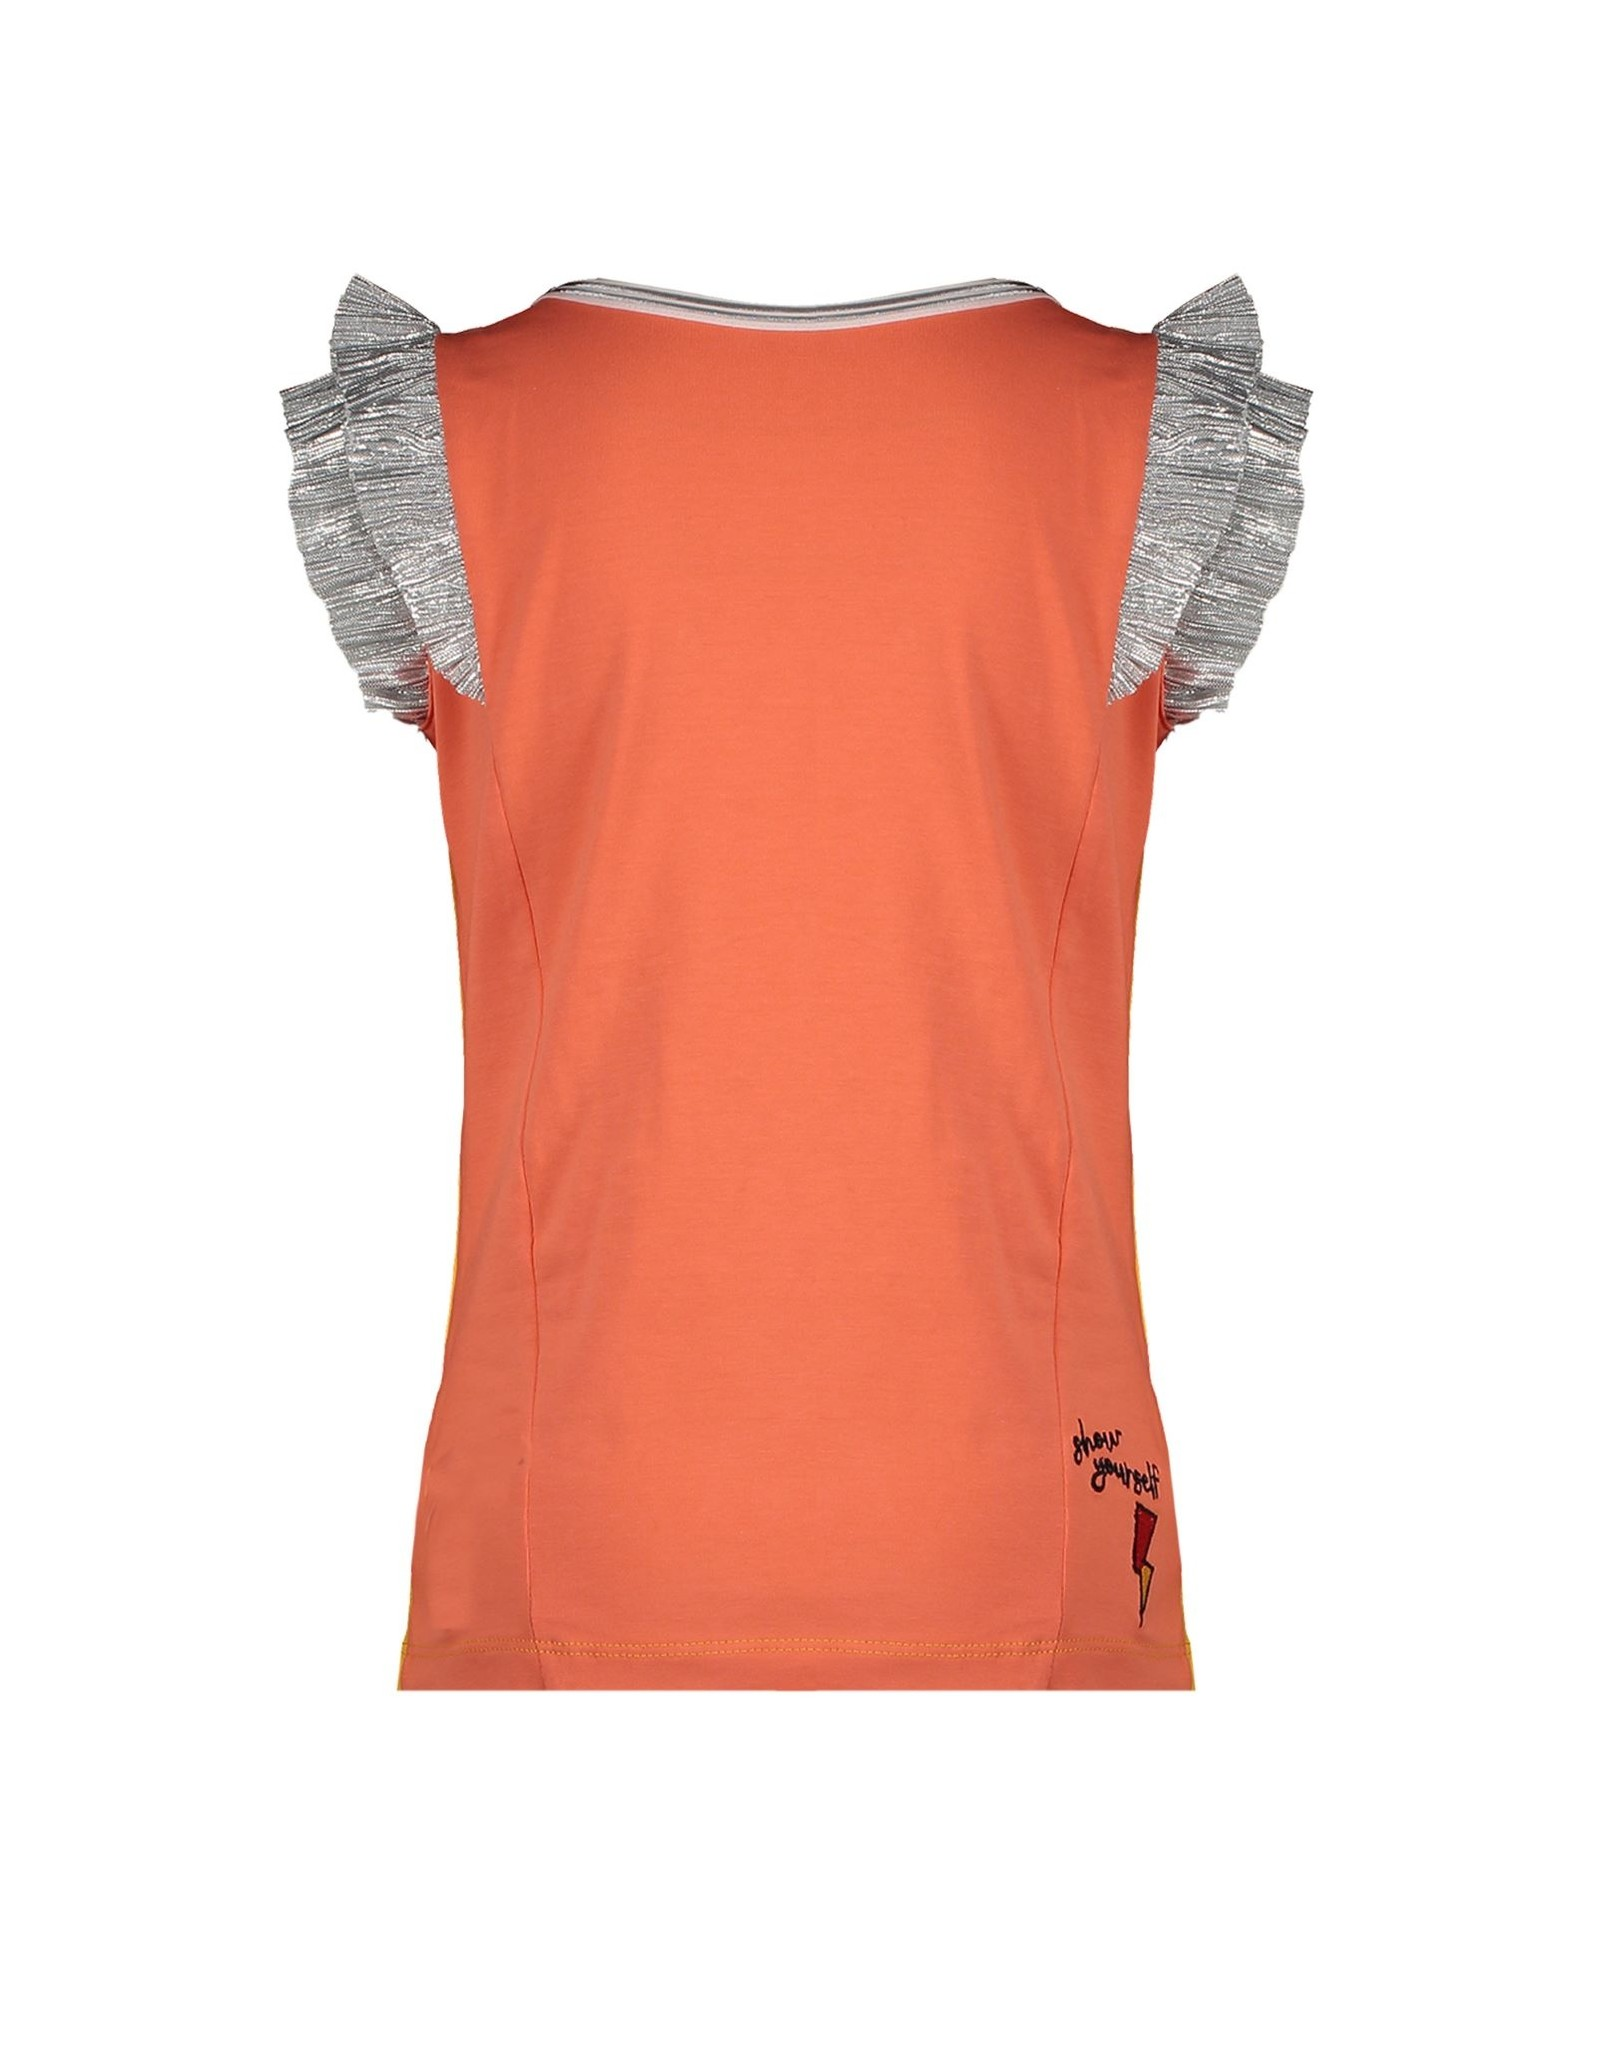 NONO NONO shirt 5410 blazing orange